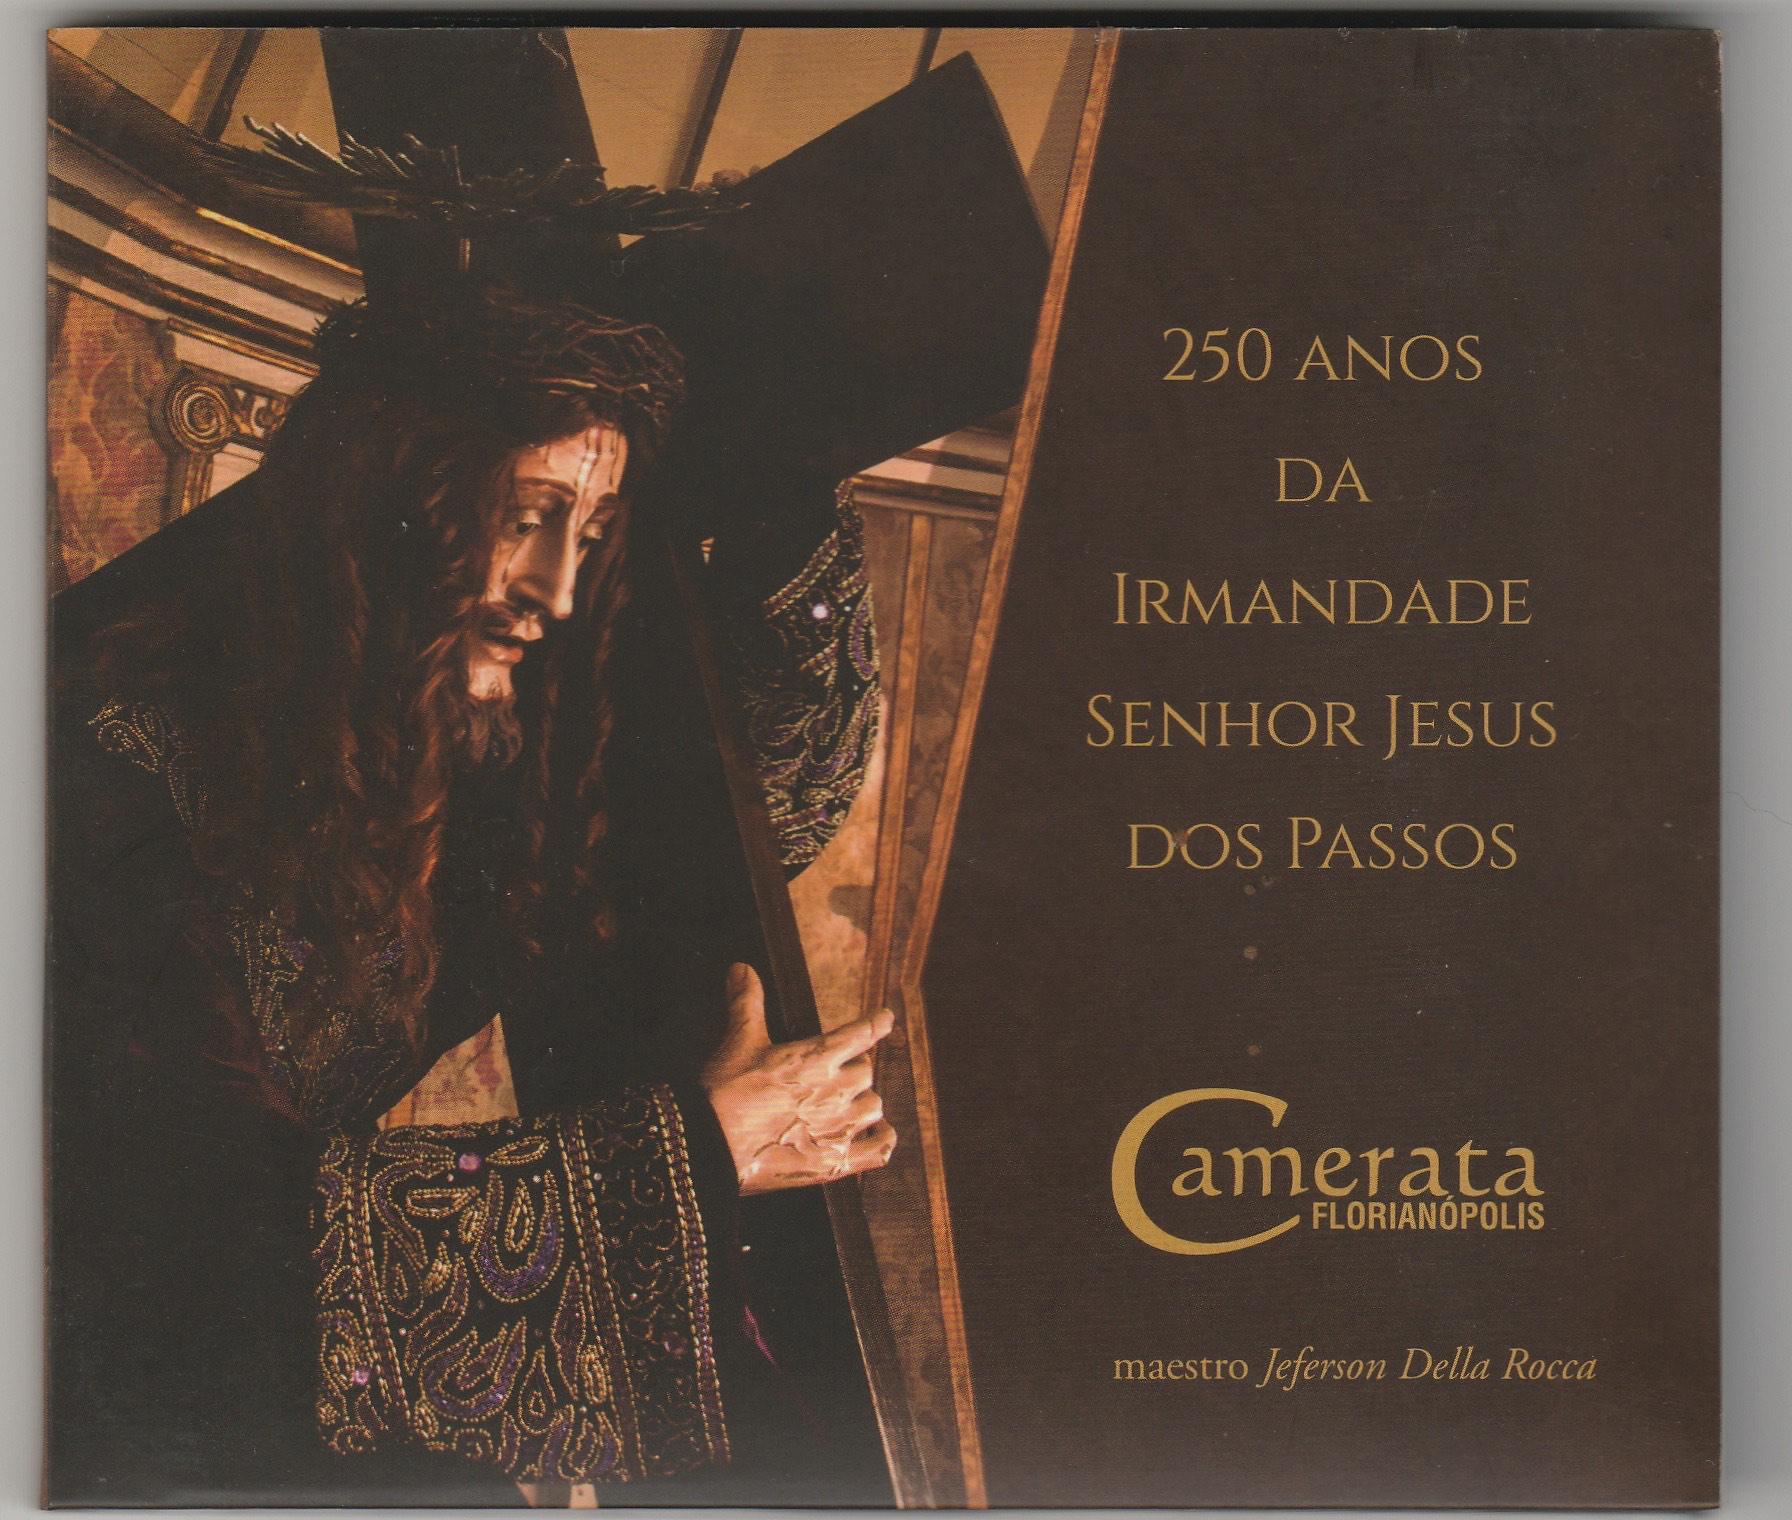 250 Anos da Irmandade Senhor Jesus dos Passos